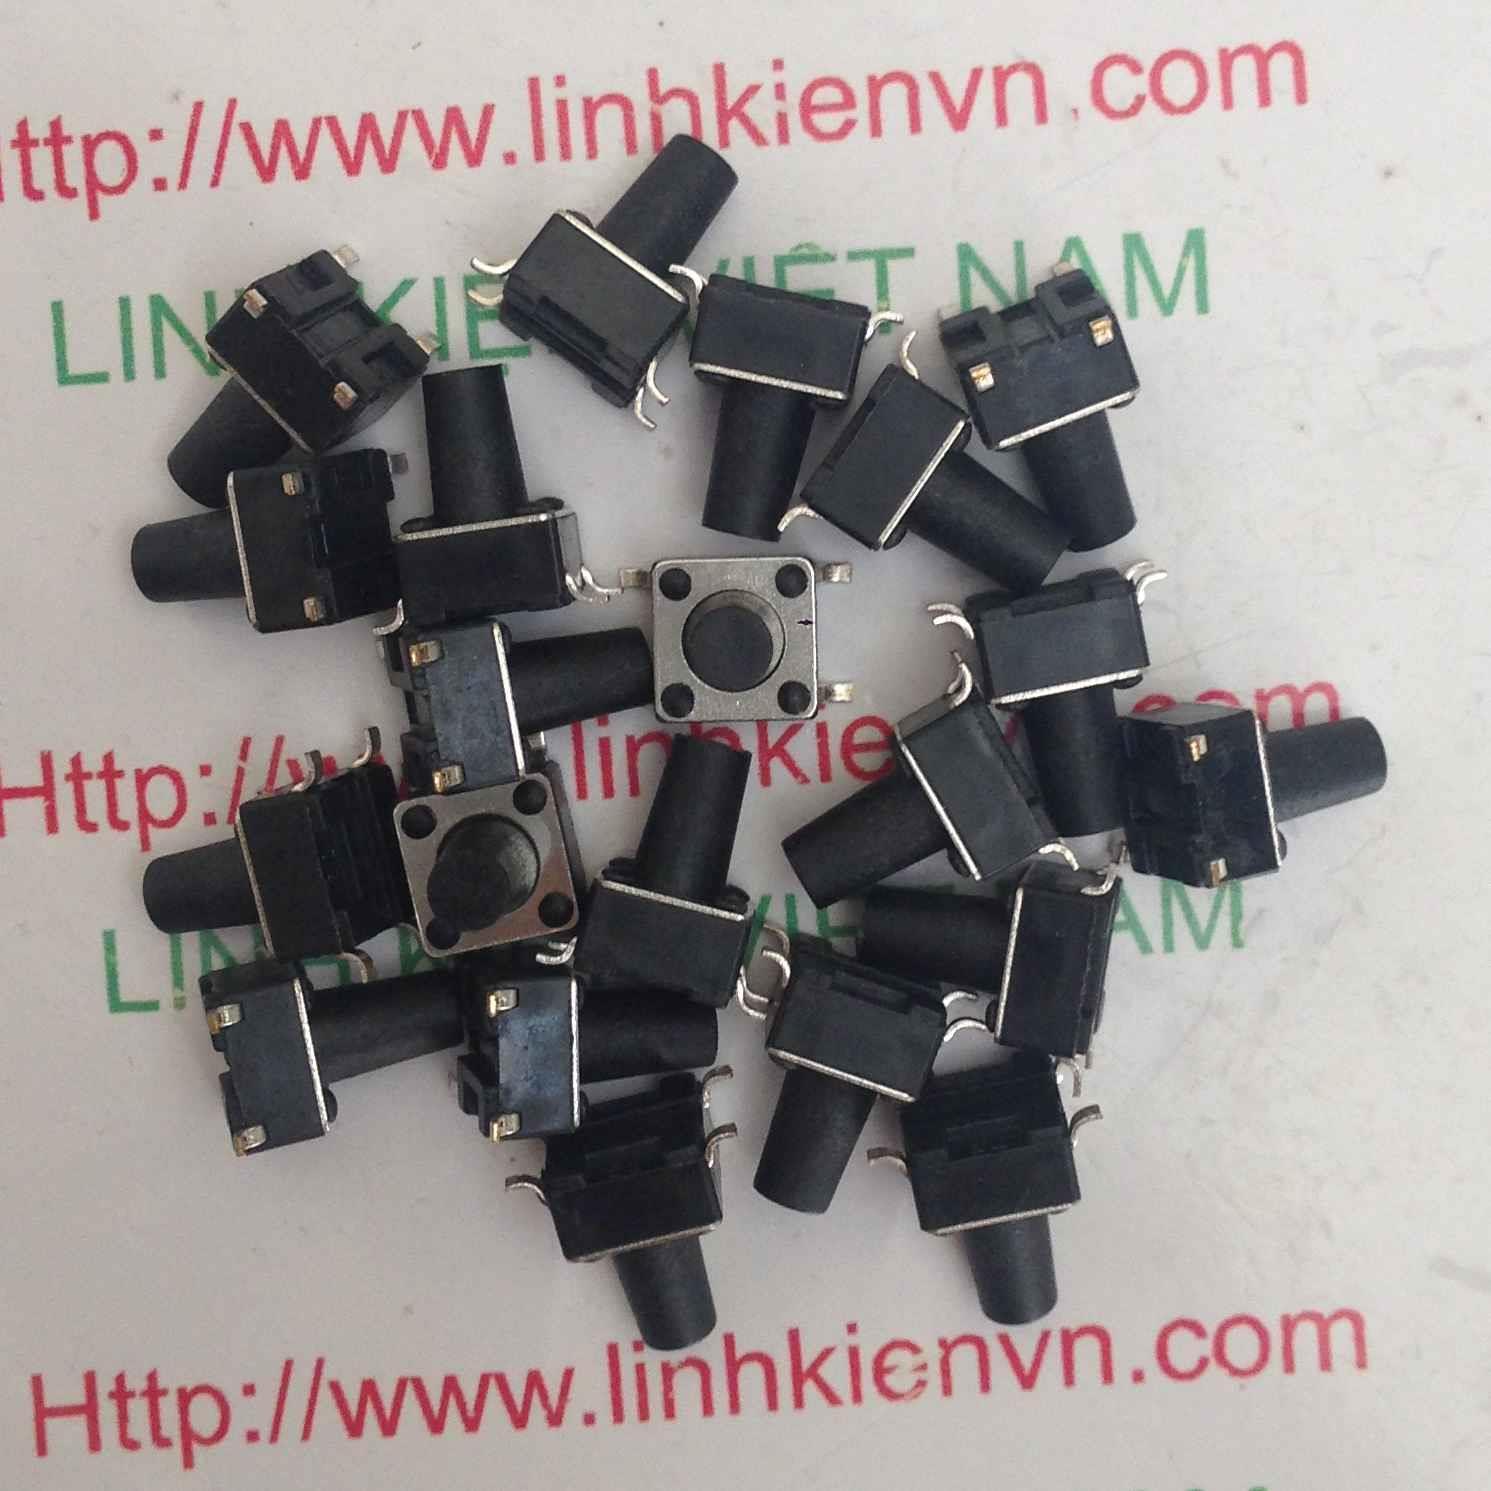 Nút Nhấn 4 chân SMD 6x6x5H / Nút bấm 4 chân SMD 6x6x5H - C5H2